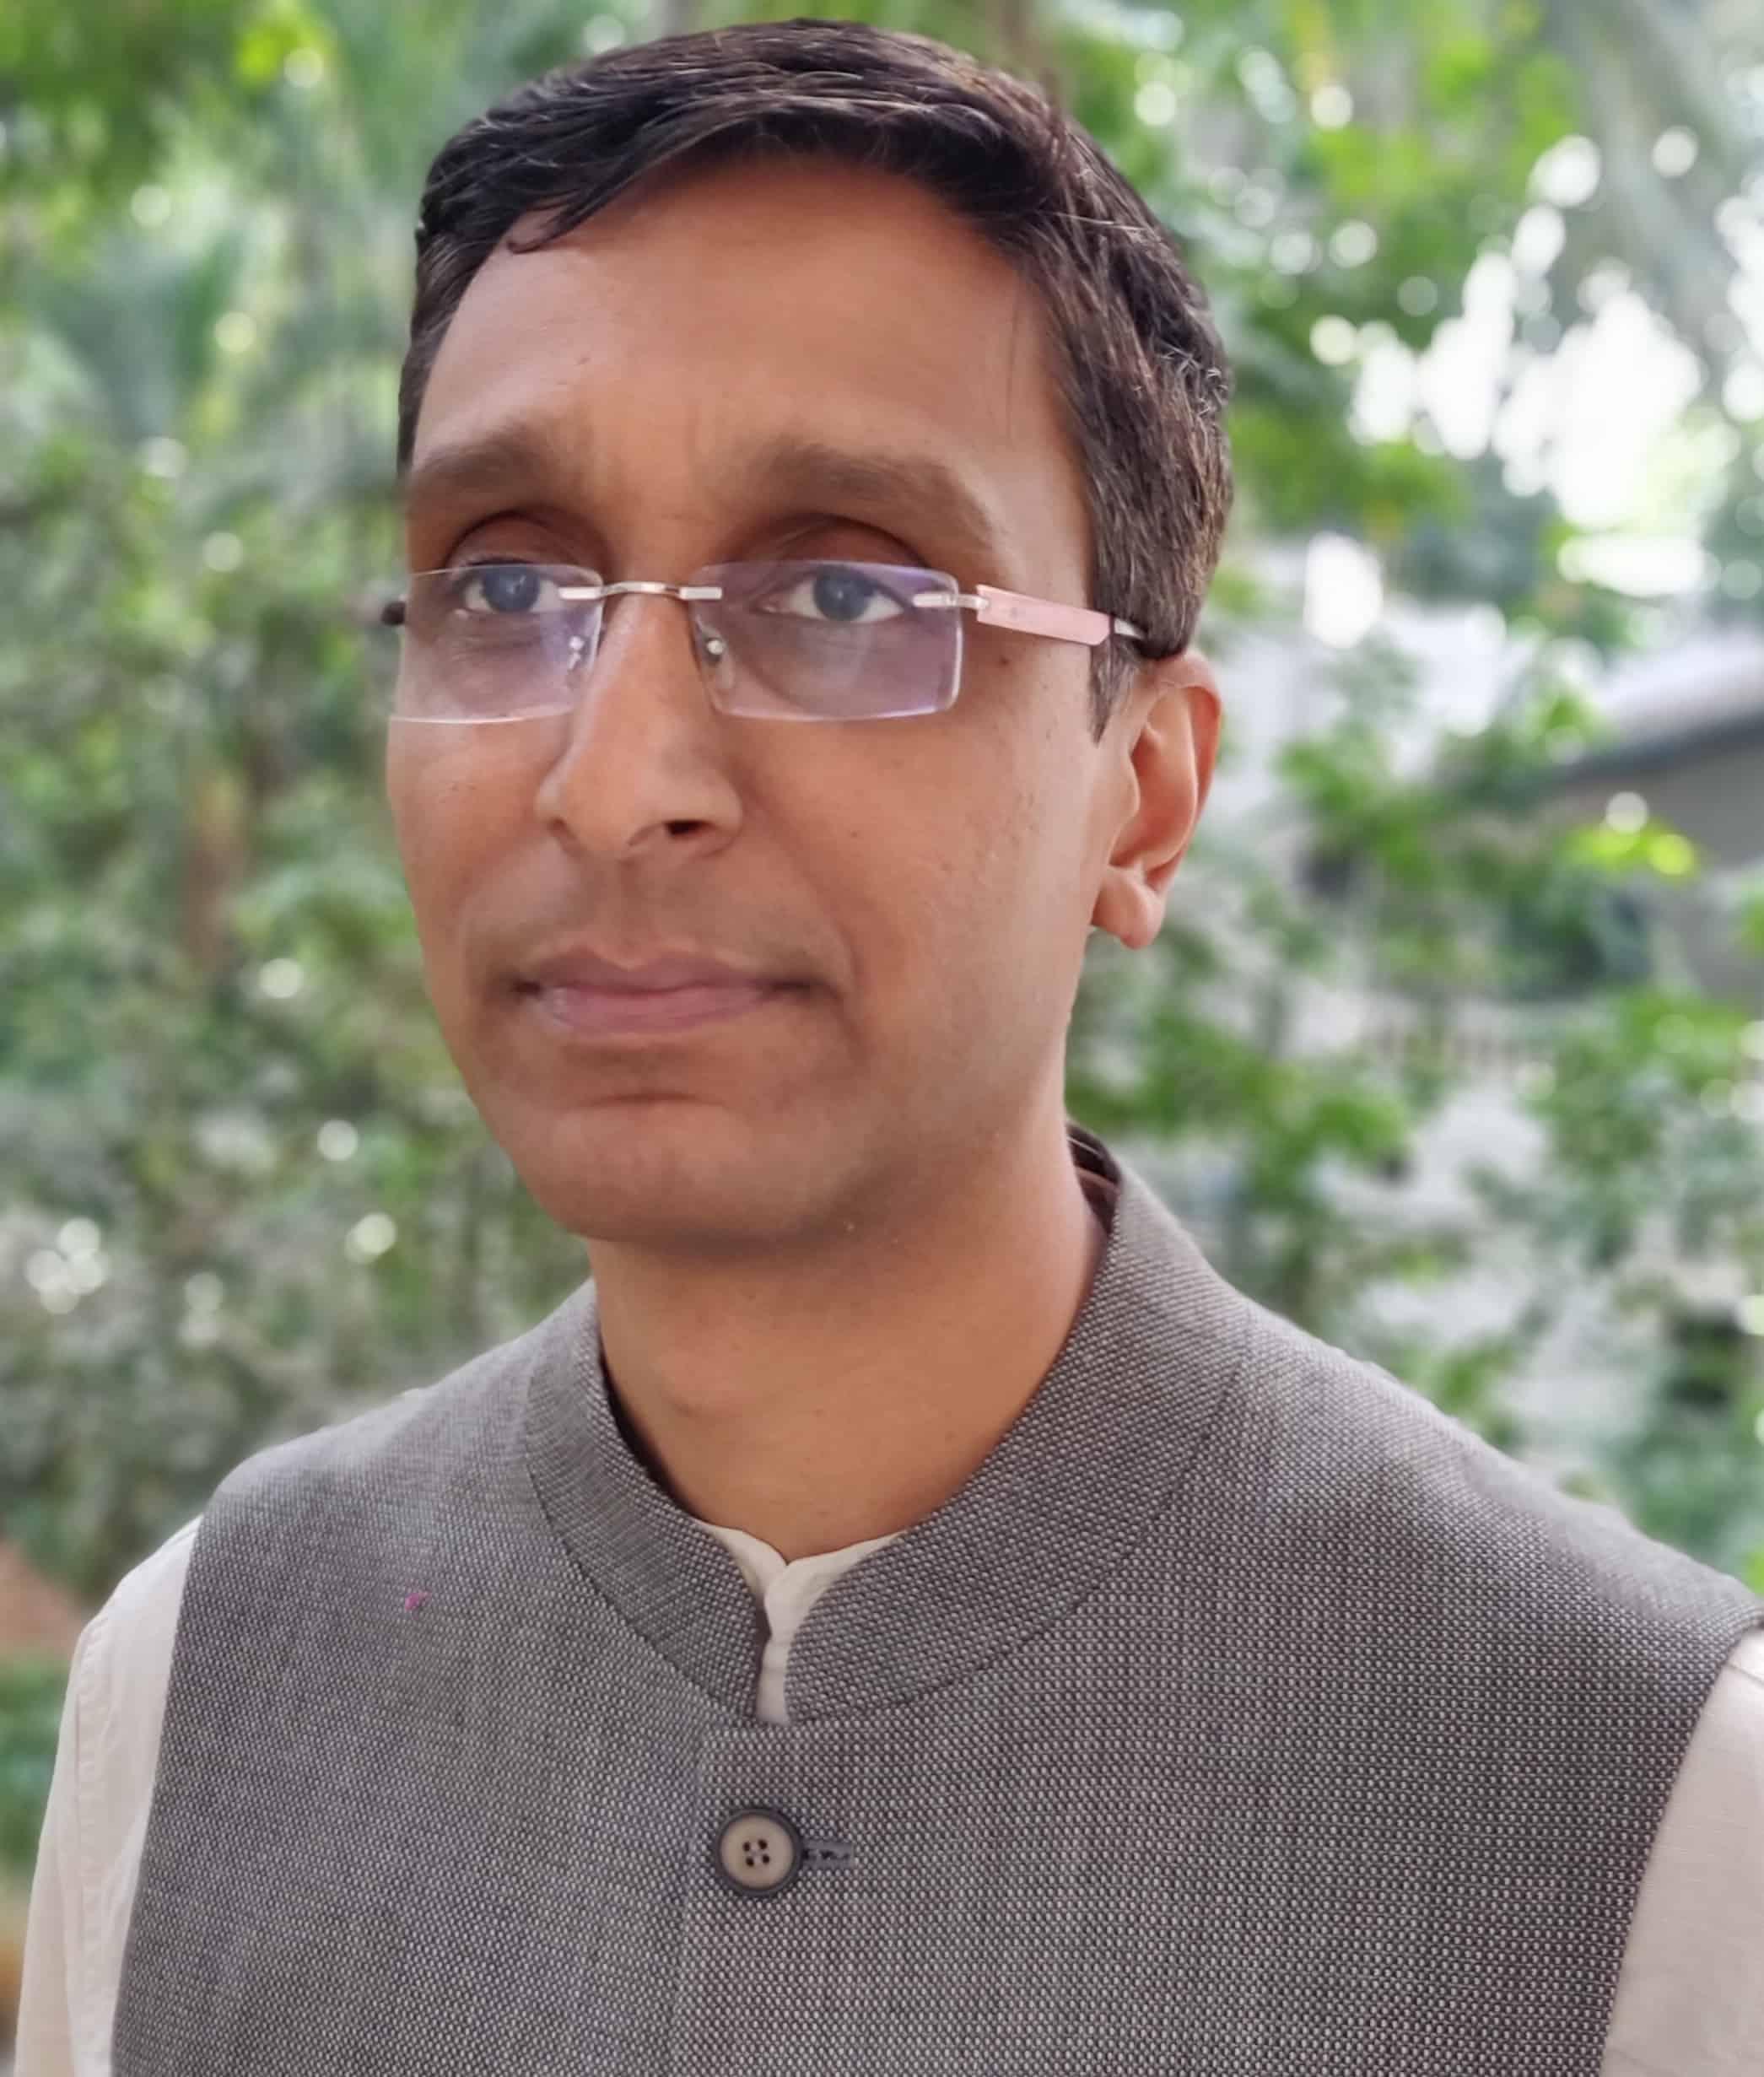 Ananth Aravamudan